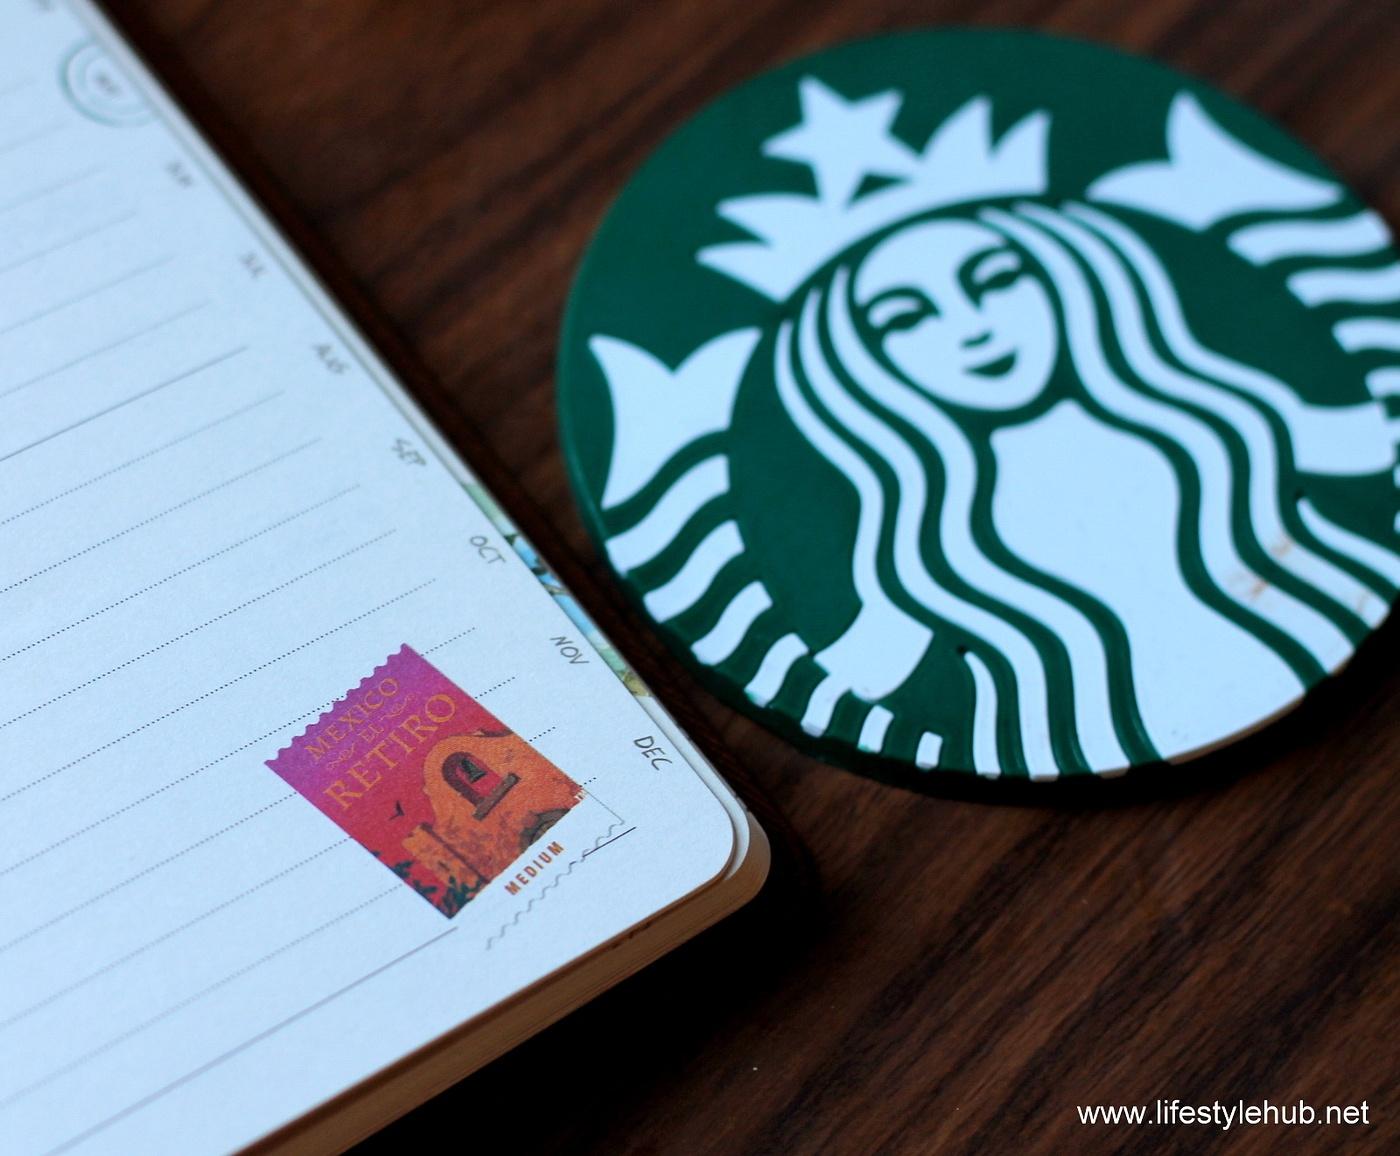 Starbucks 2015 planner